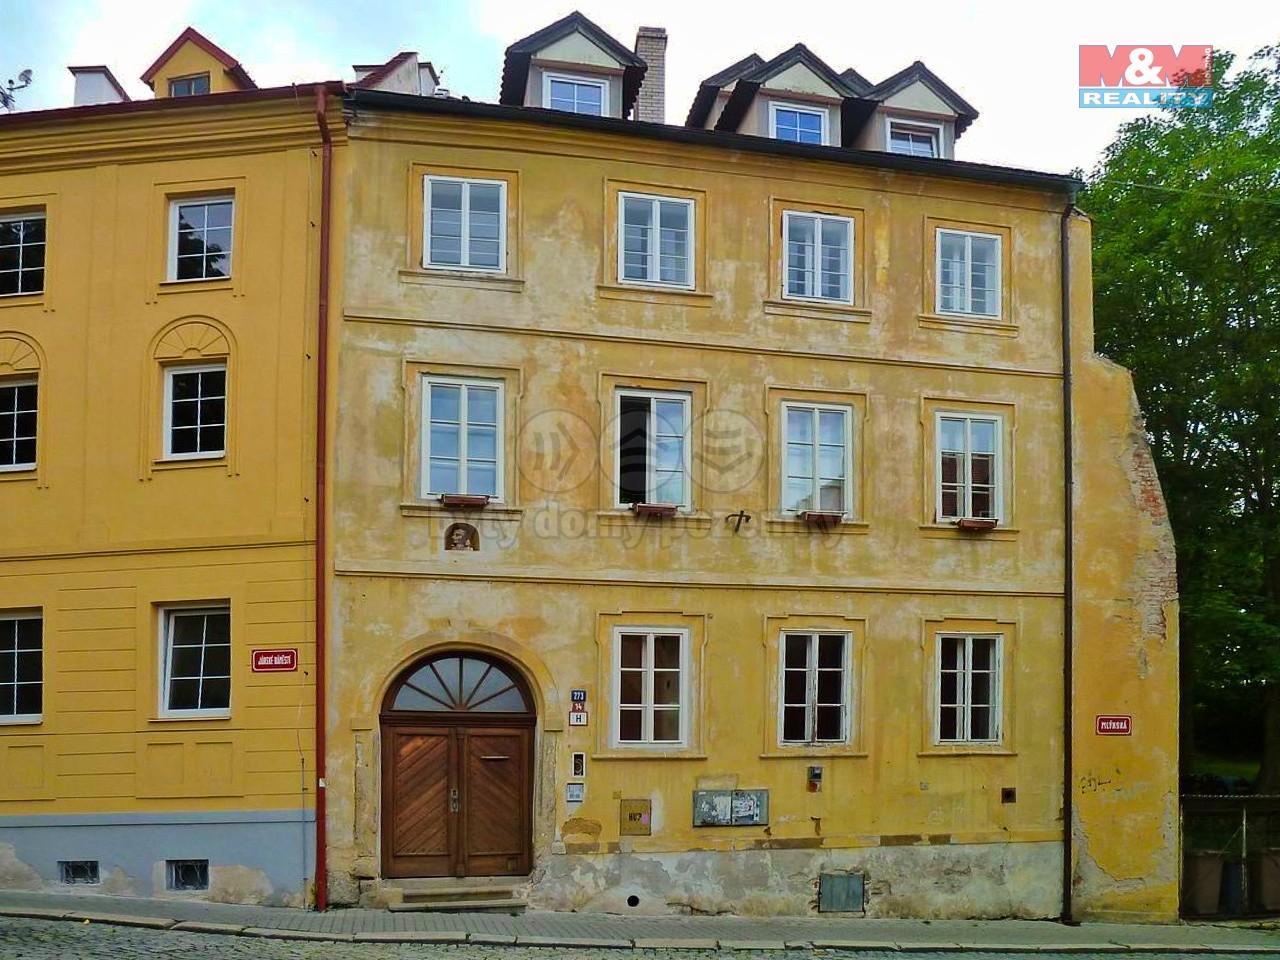 Pronájem bytu 2+kk, 60 m², Cheb, ul. Jánské náměstí